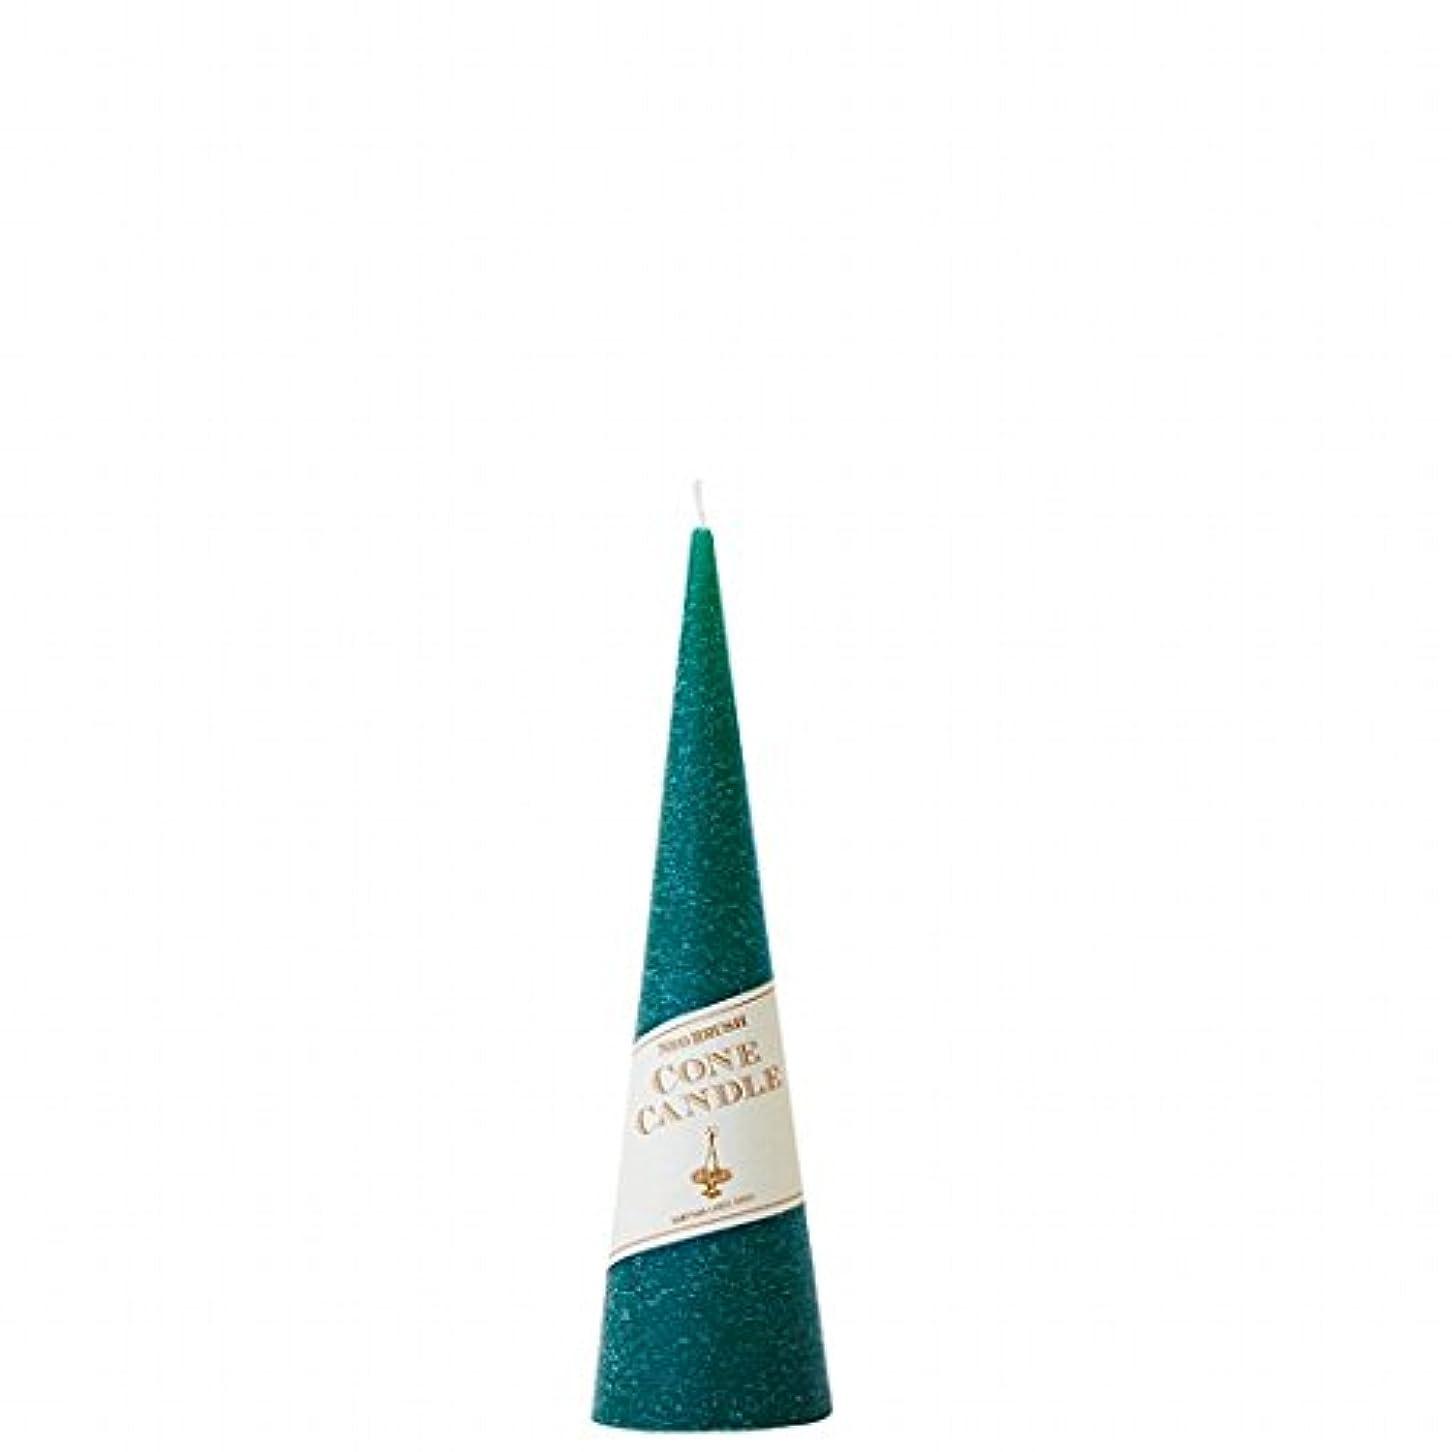 飢略す教育カメヤマキャンドル(kameyama candle) ネオブラッシュコーン 180 キャンドル 「 グリーン 」